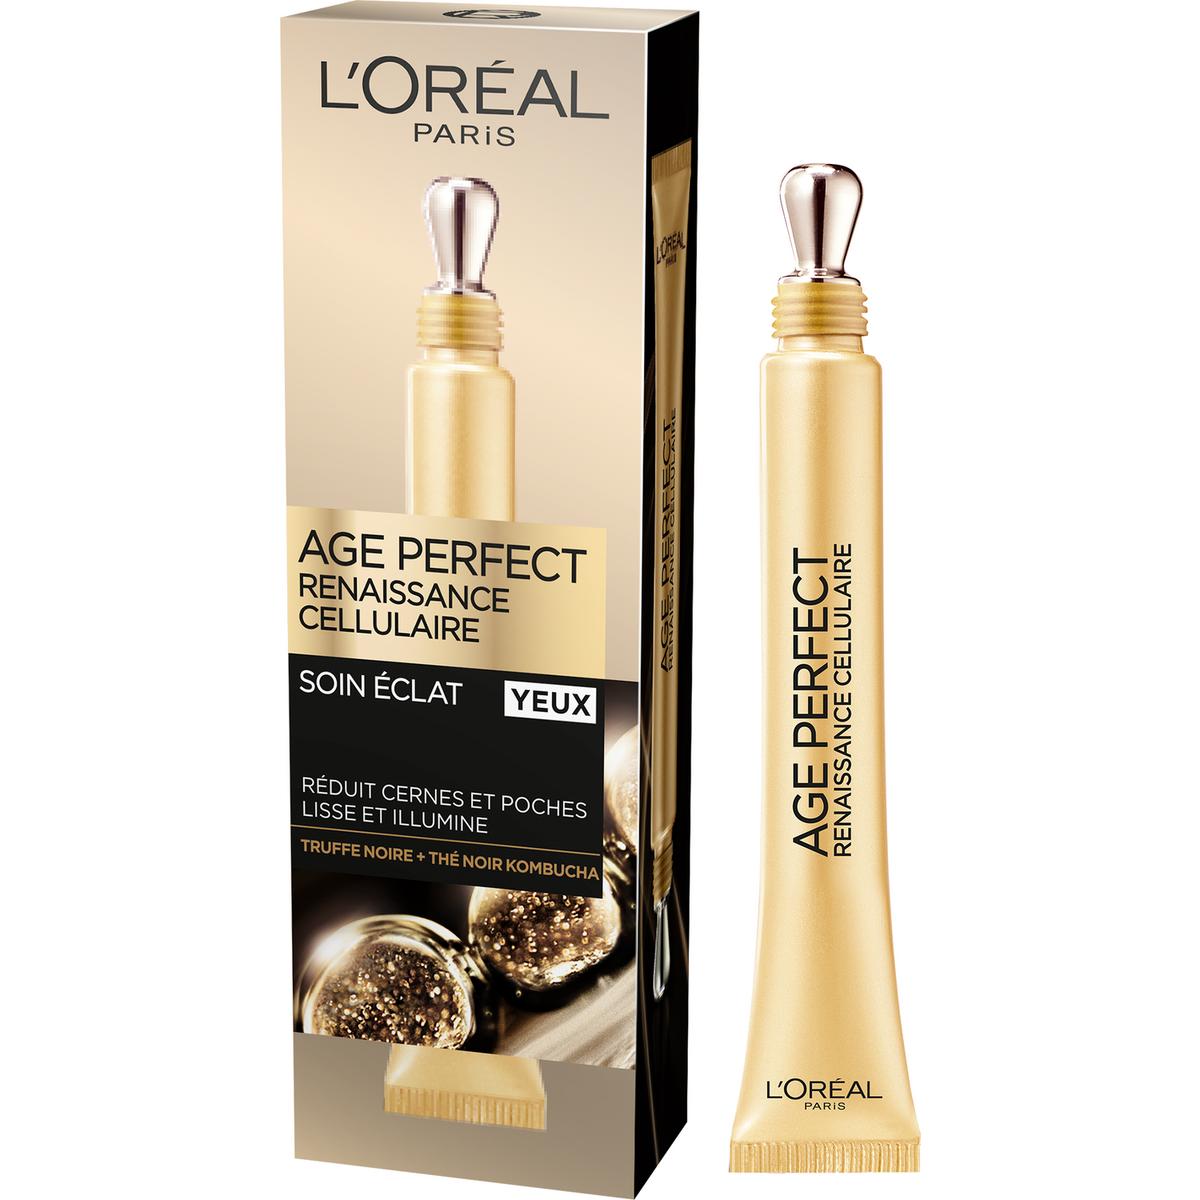 L'Oréal âge perfect renaissance cellulaire yeux tube 15ml